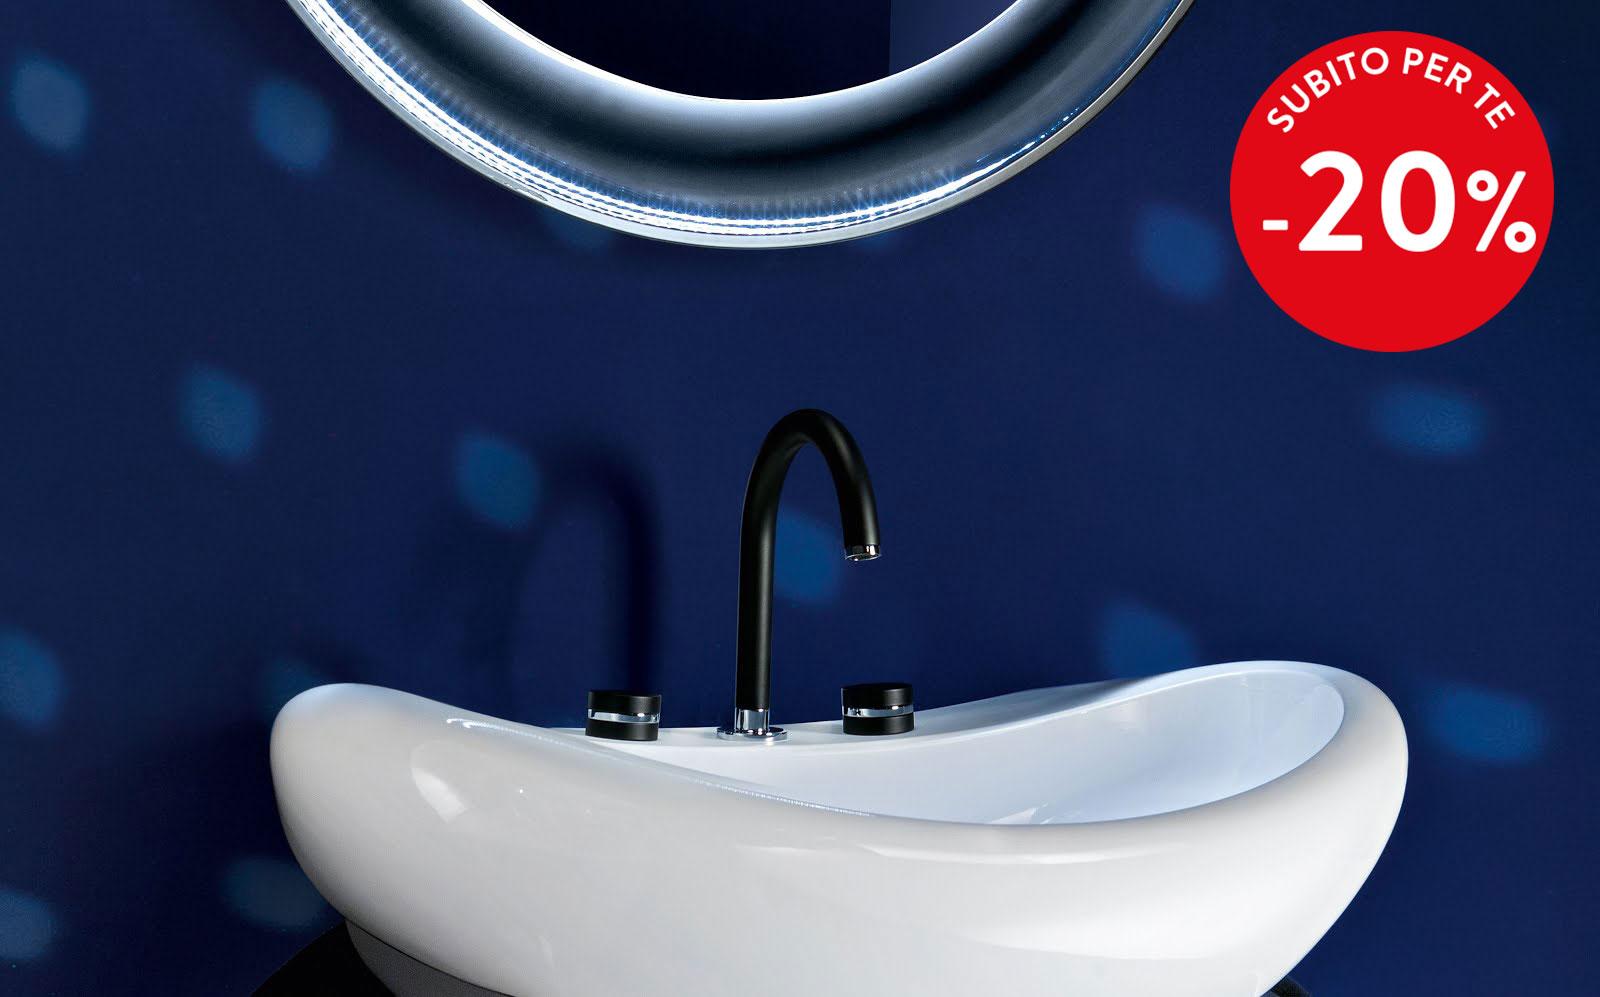 collezione-myring-rubinetteria-giulini-miscelatori-nero-opaco-bagno-charm-bathroom.jpg